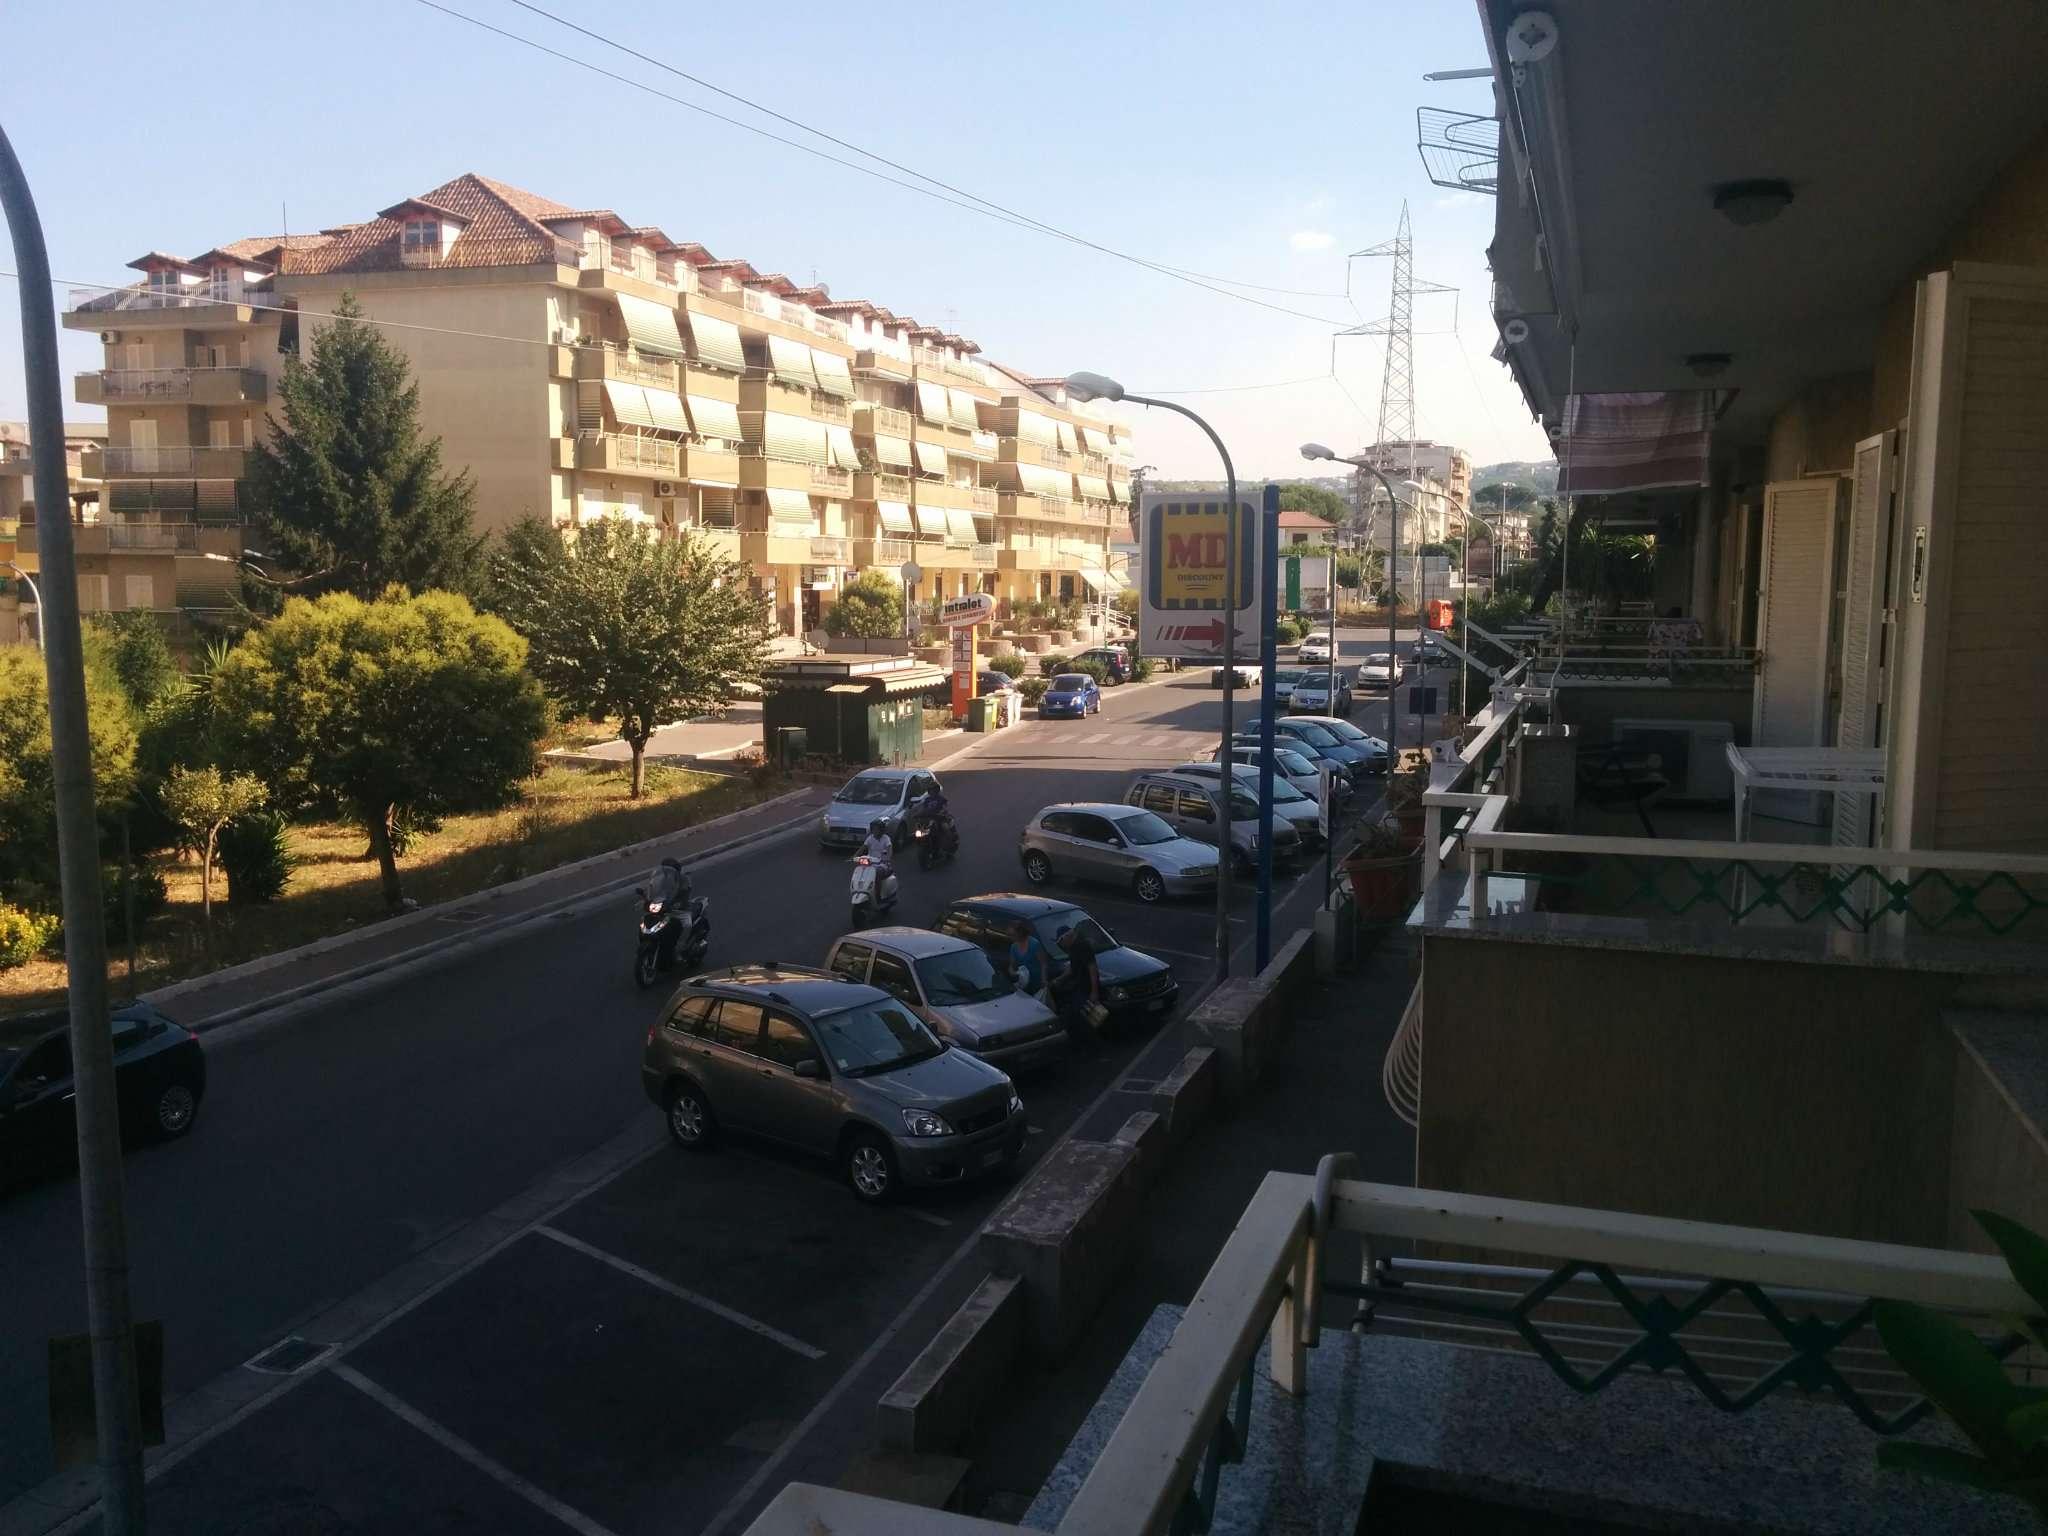 Appartamento in vendita a Mugnano di Napoli, 4 locali, prezzo € 260.000 | CambioCasa.it